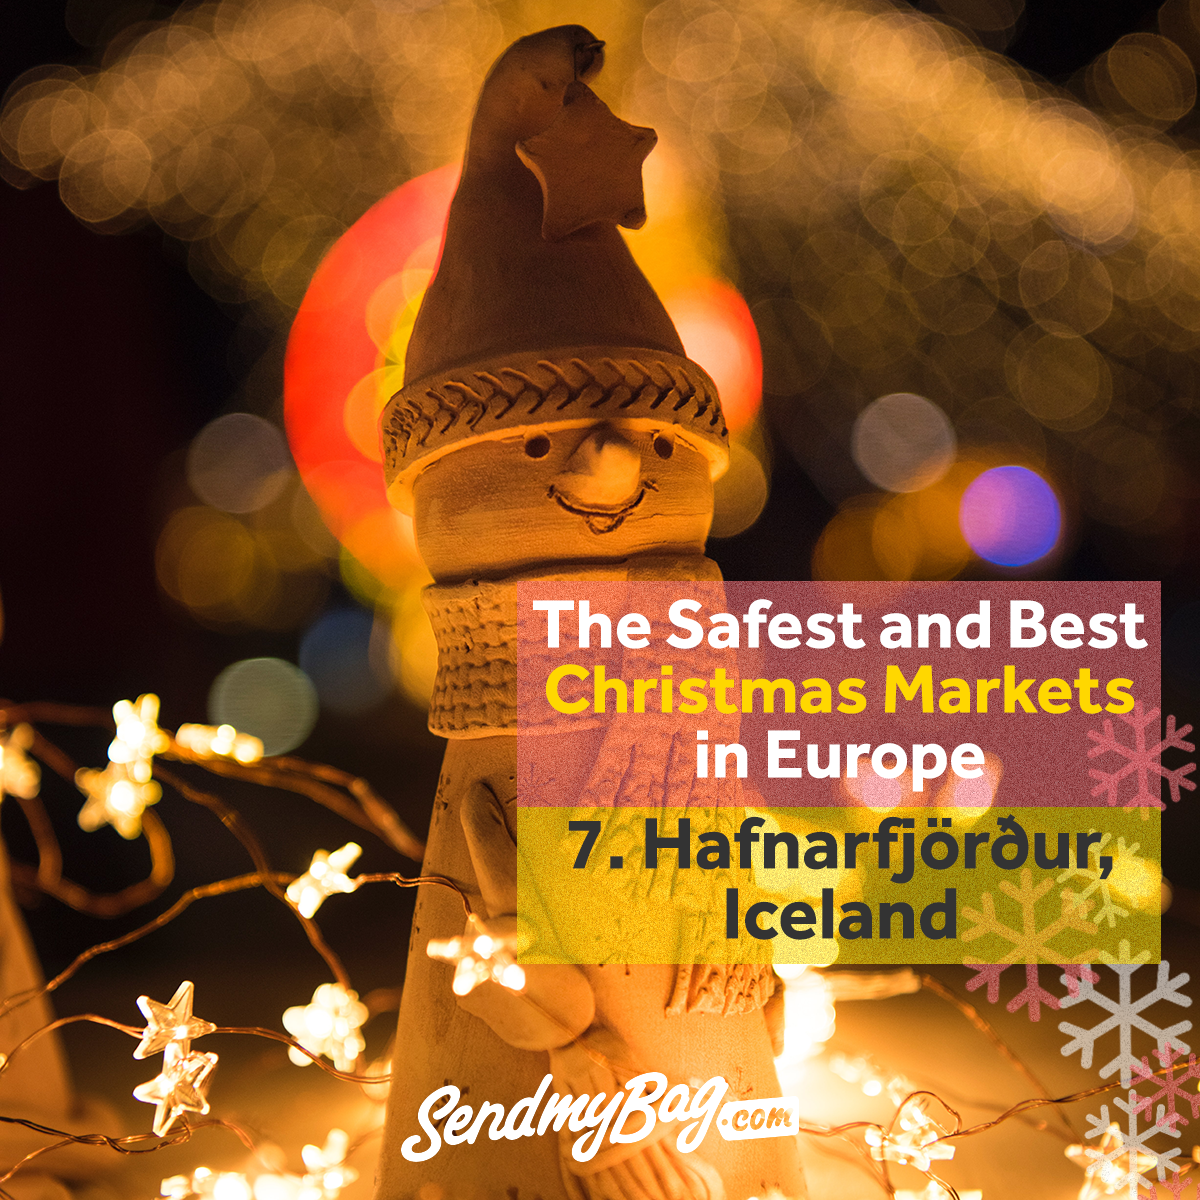 Iceland Christmas Market